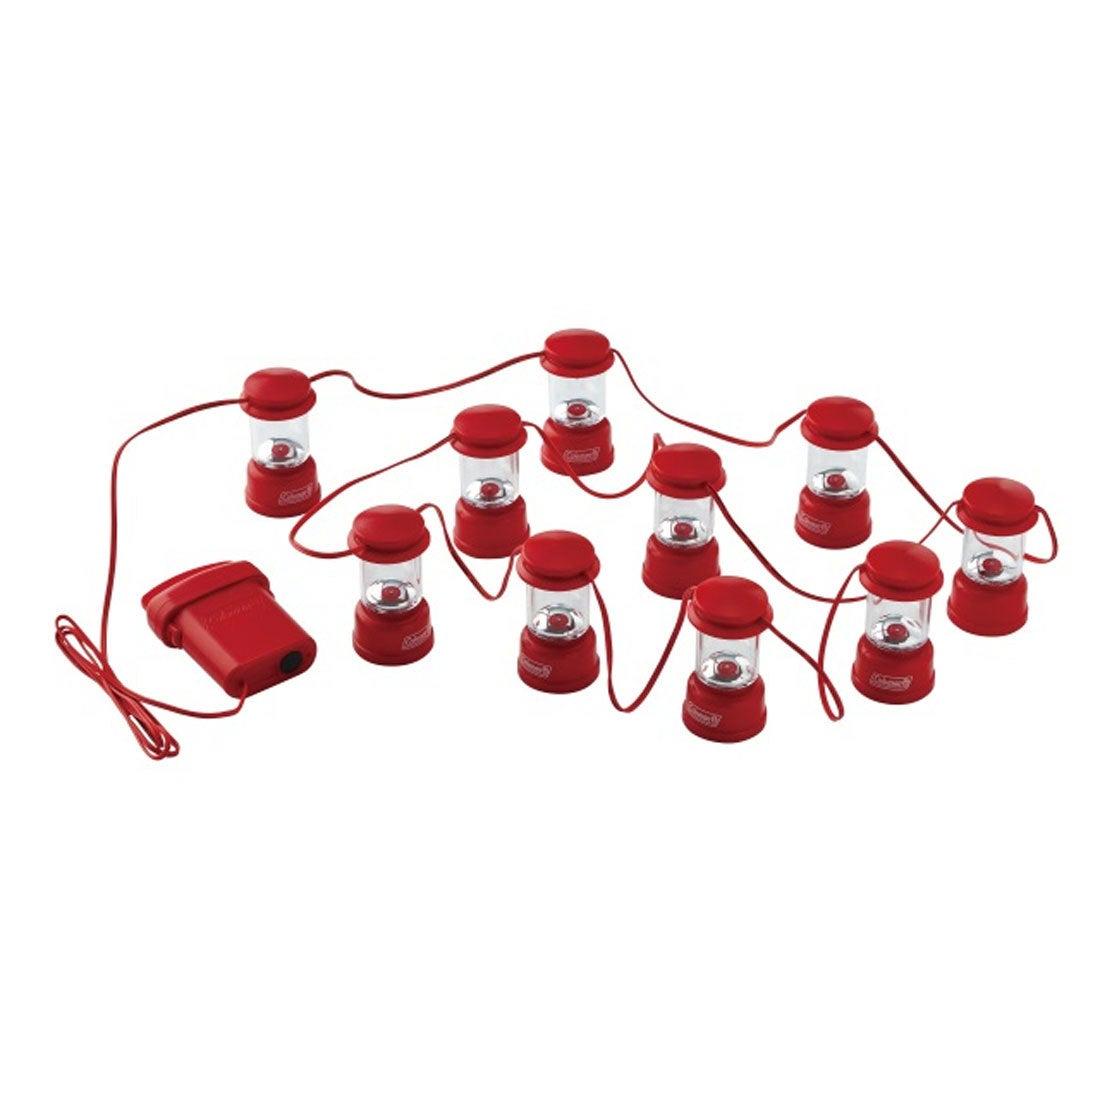 ロコンド 靴とファッションの通販サイトコールマン coleman キャンプ クッカー LEDストリングライトII 2000031280